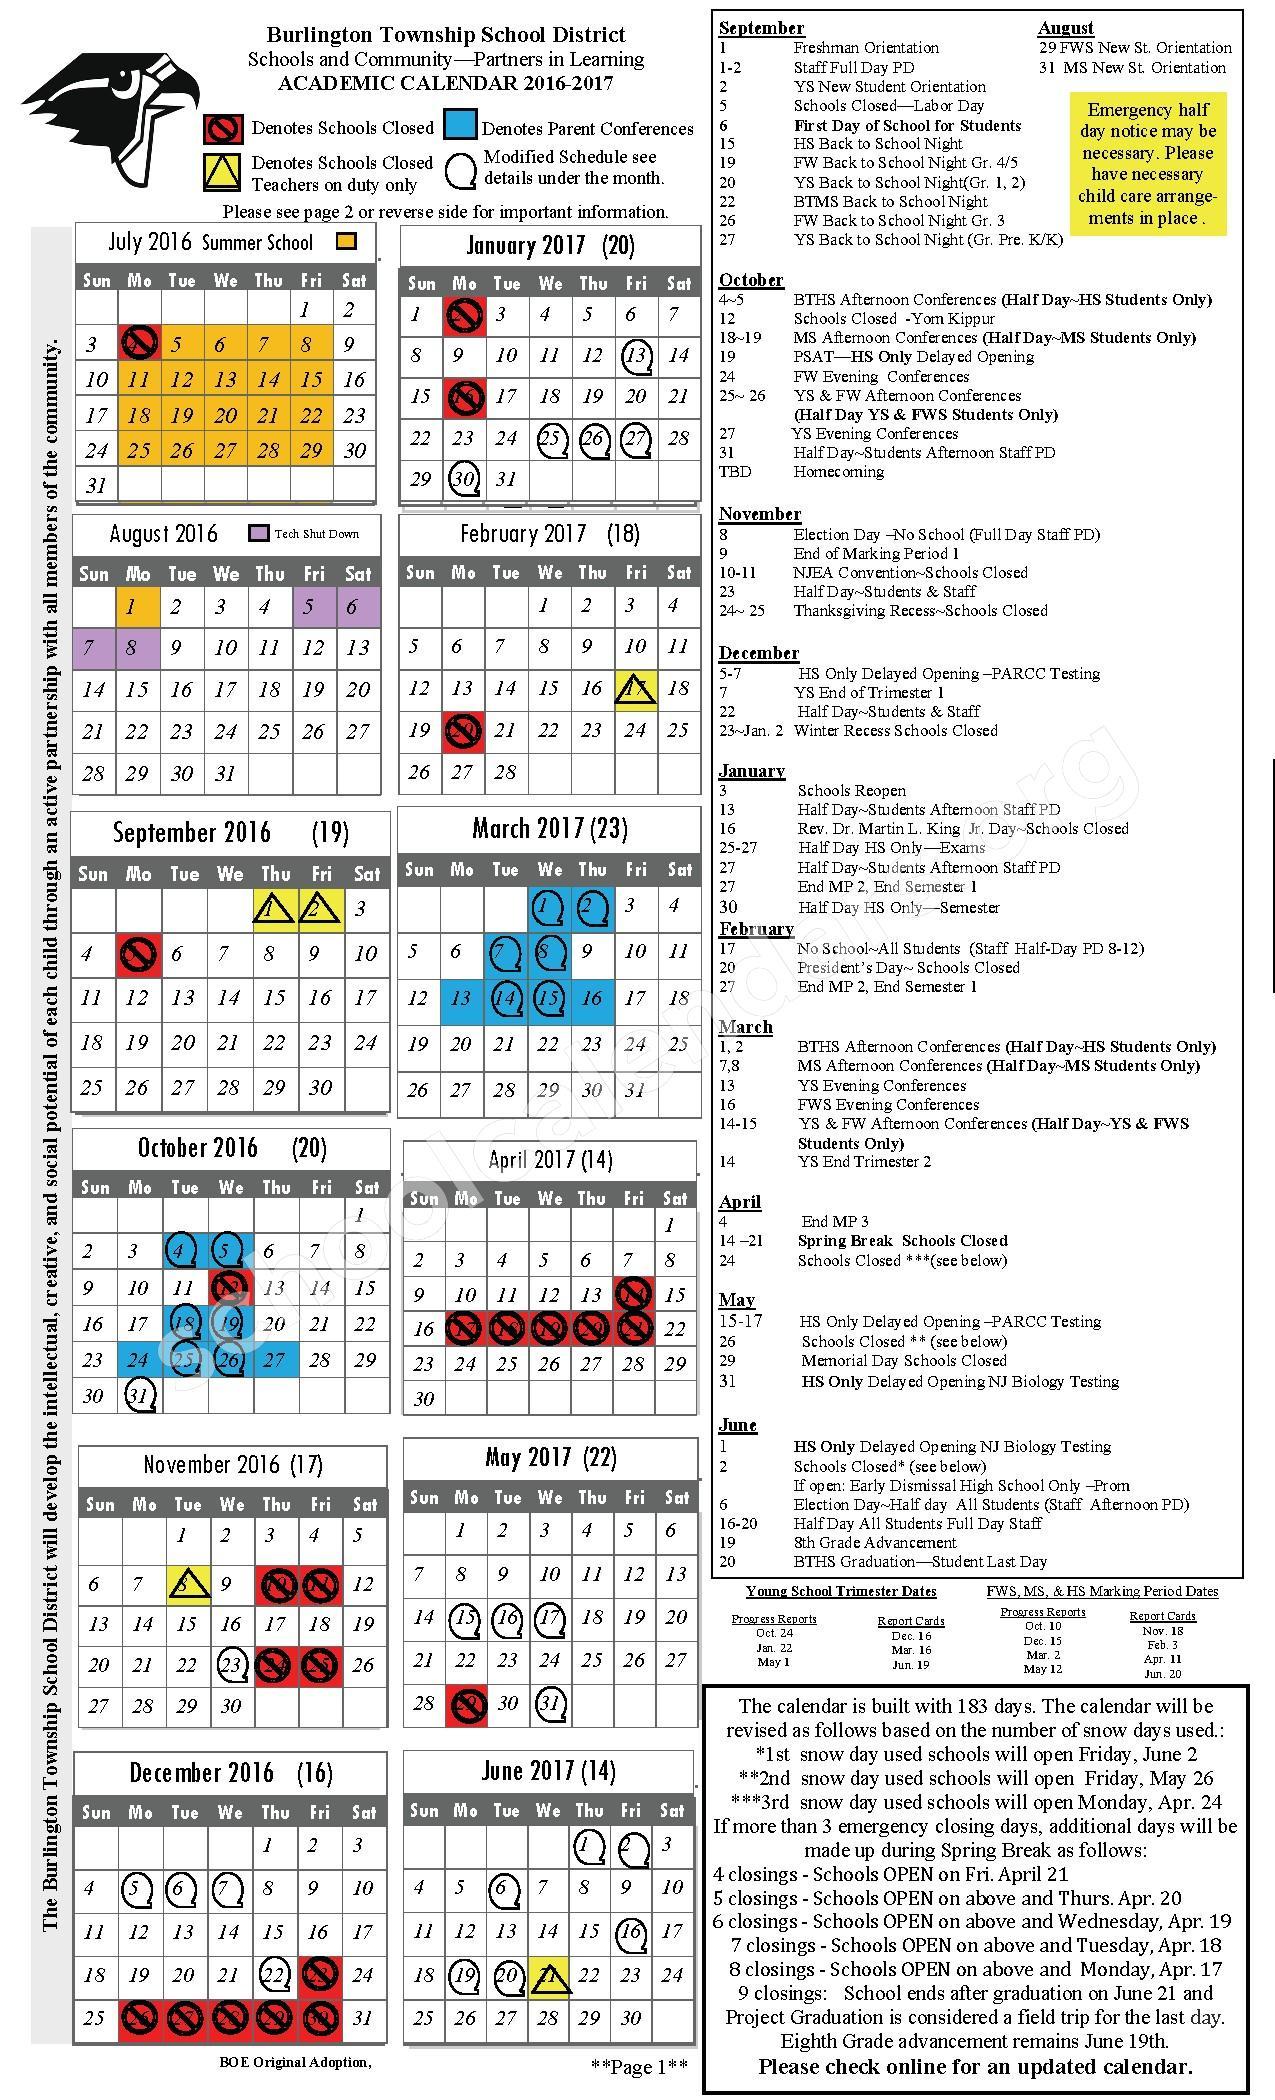 2016 - 2017 Academic Calendar – Burlington Township School District – page 1